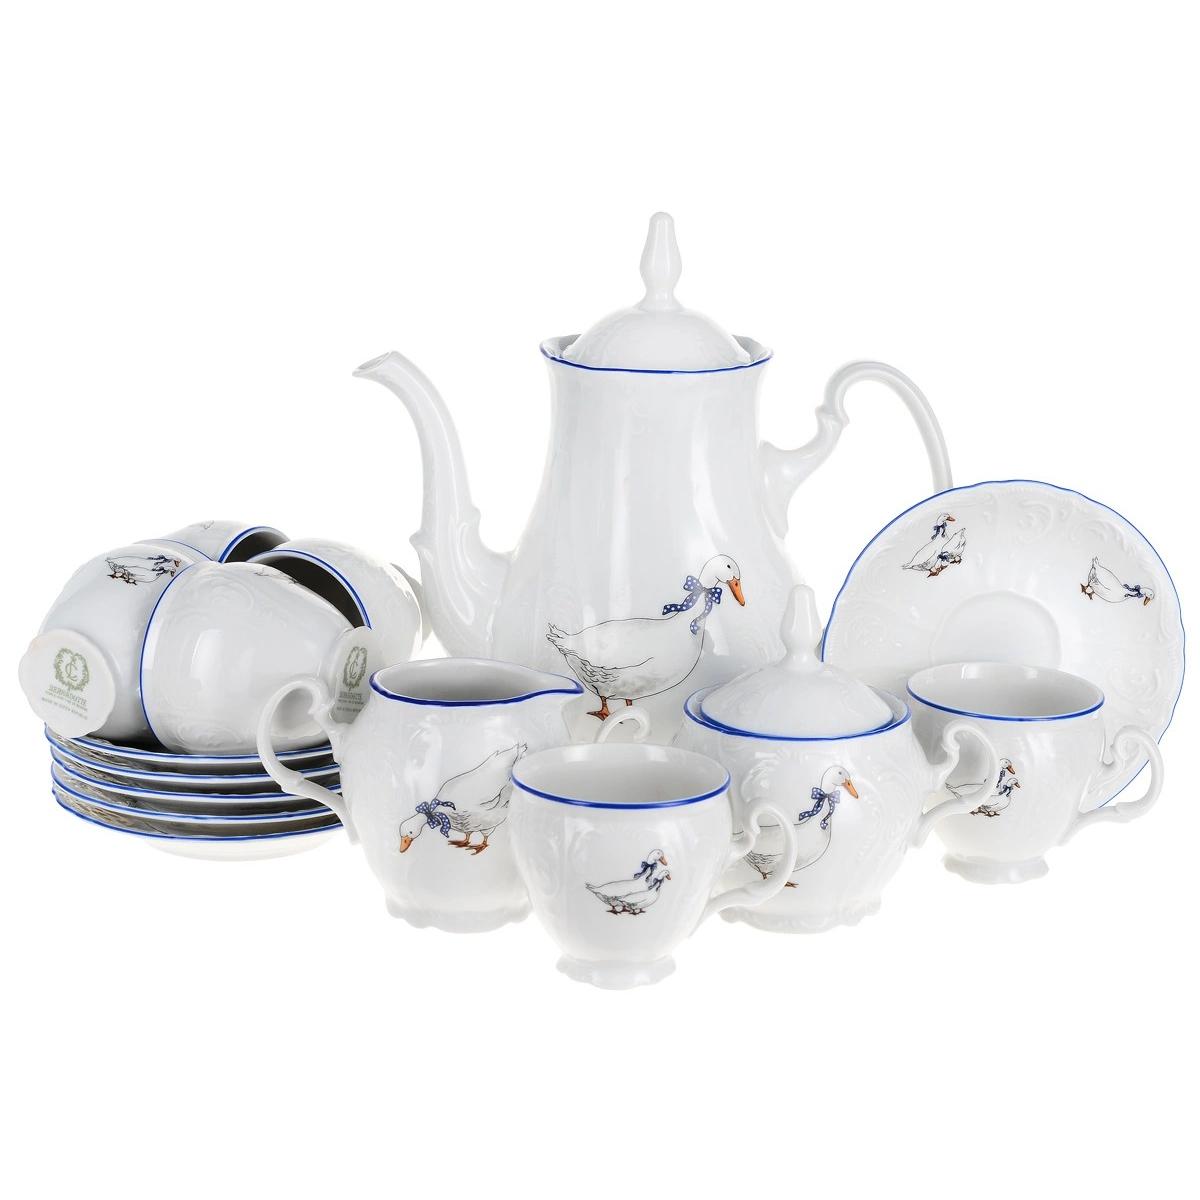 Сервиз кофейный Bernadotte 6 персон 9 предметов Гуси